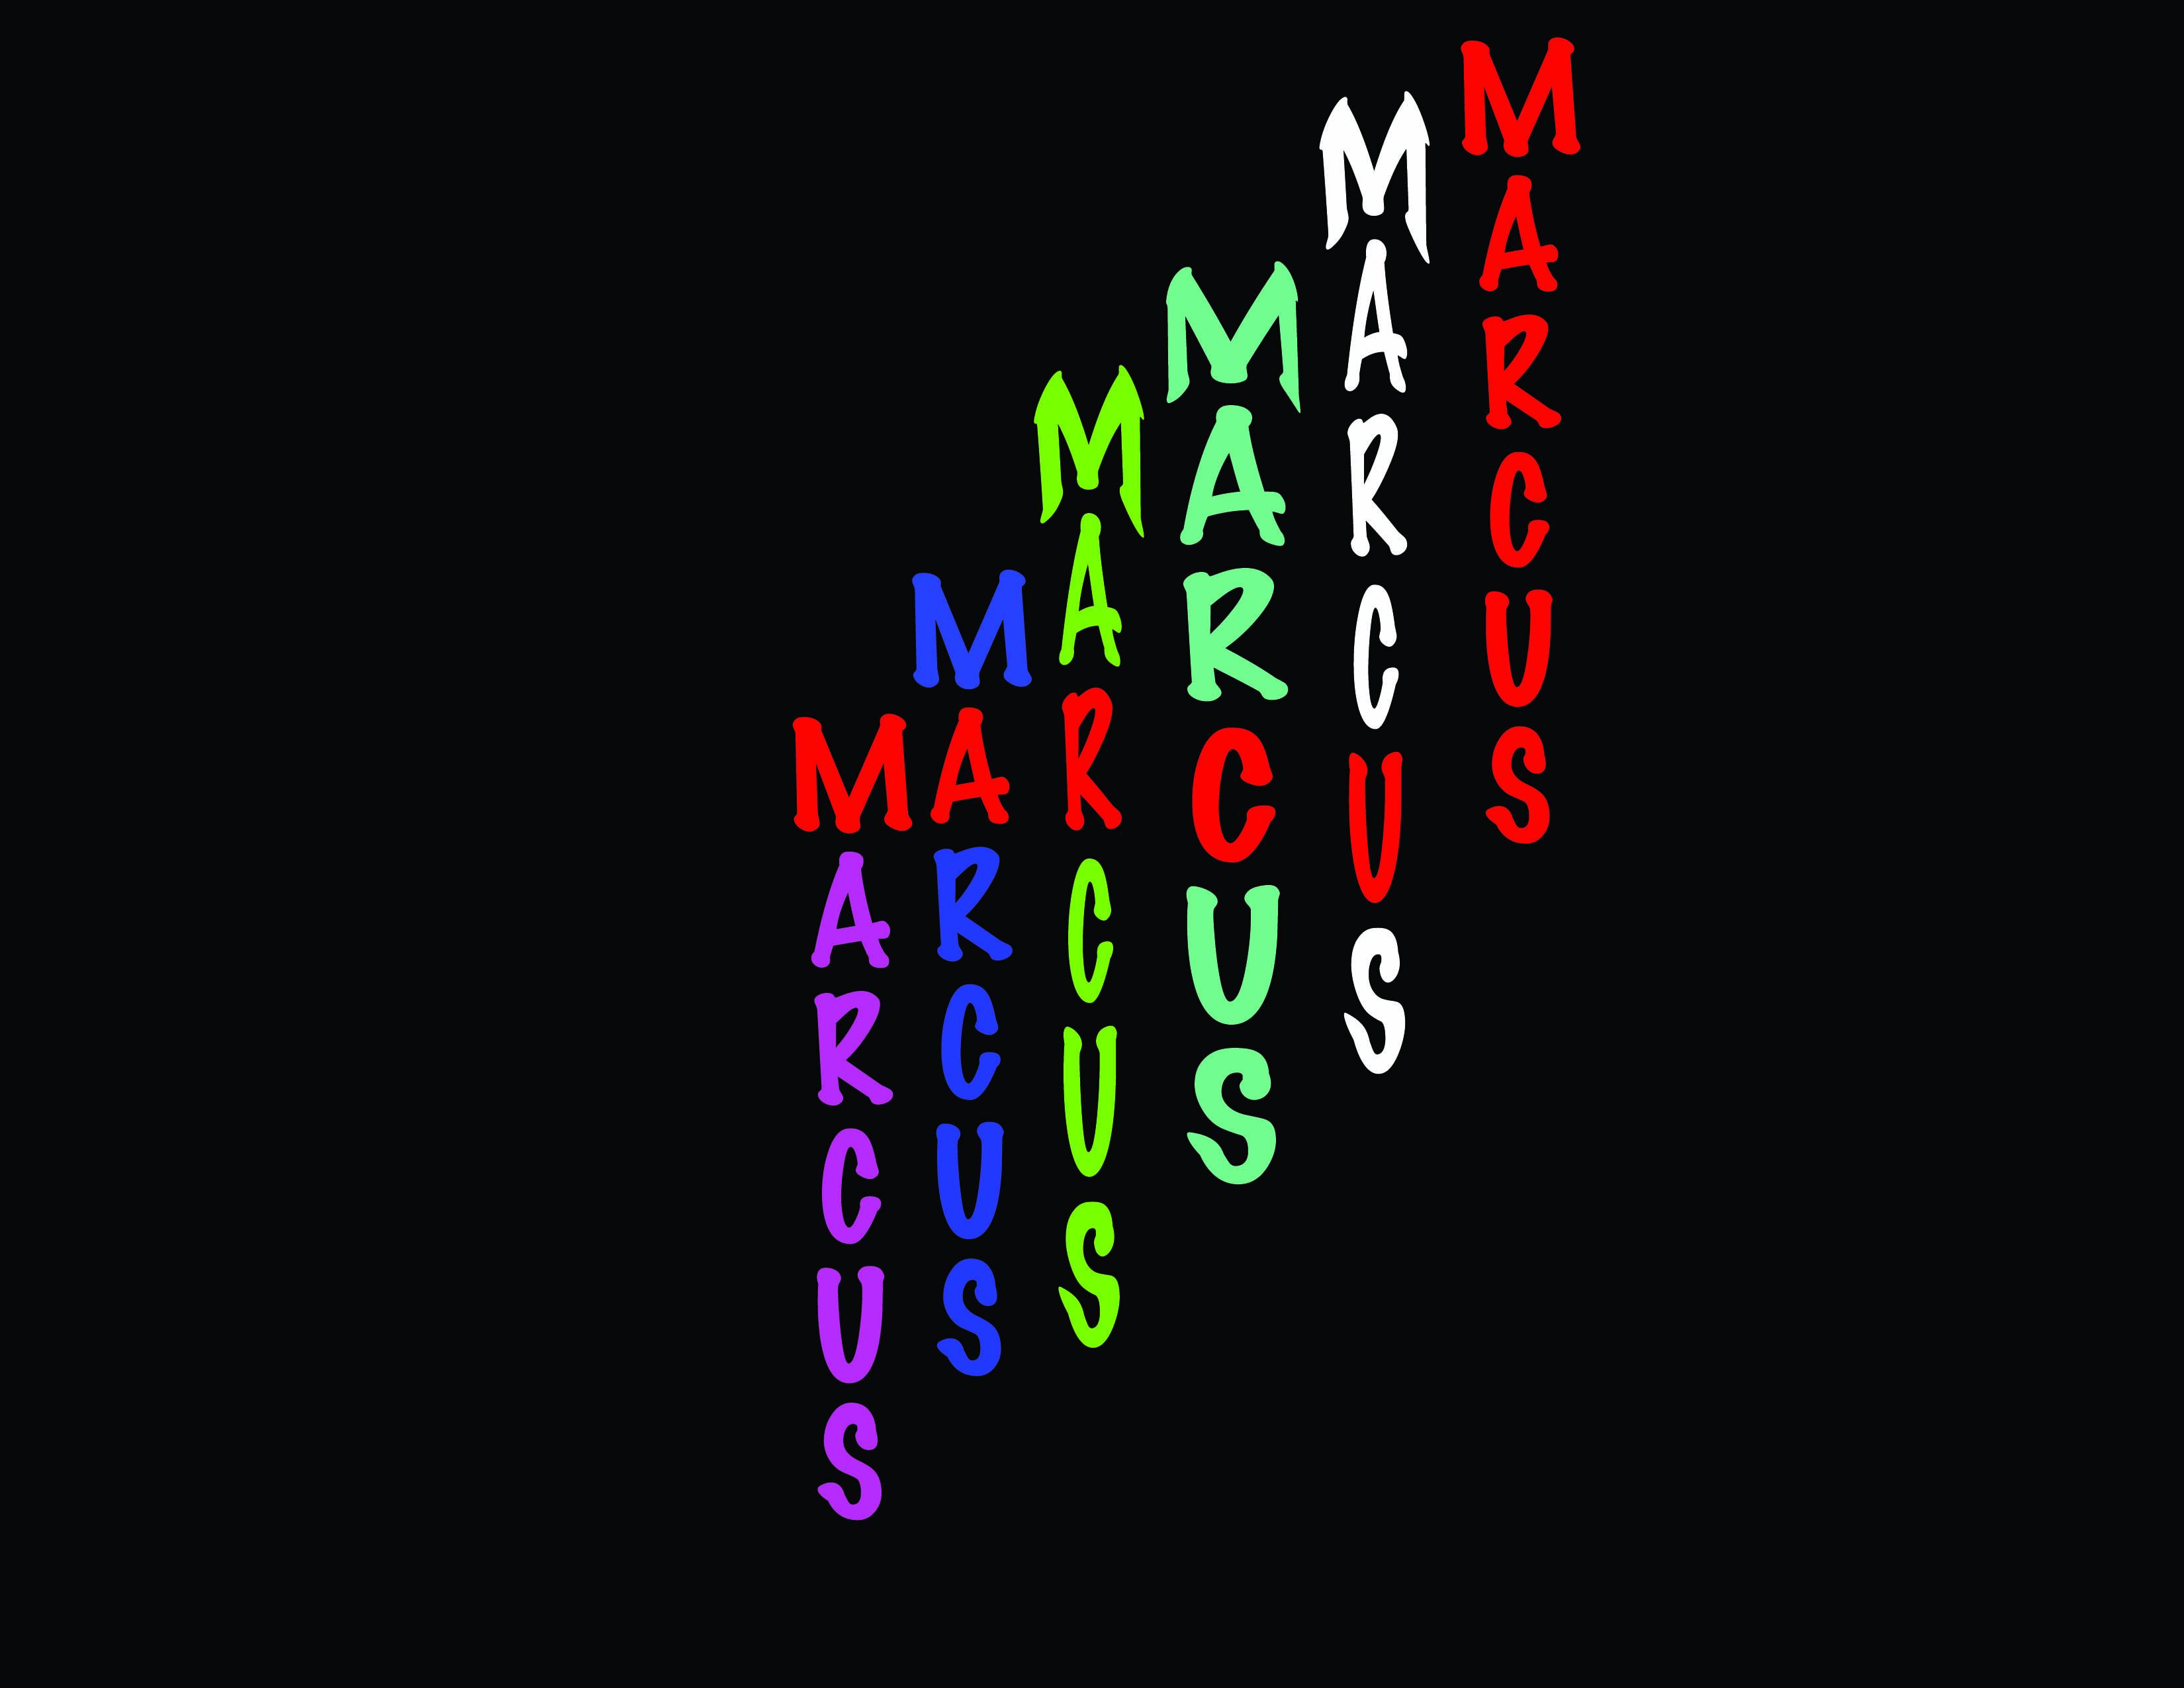 marcus_name